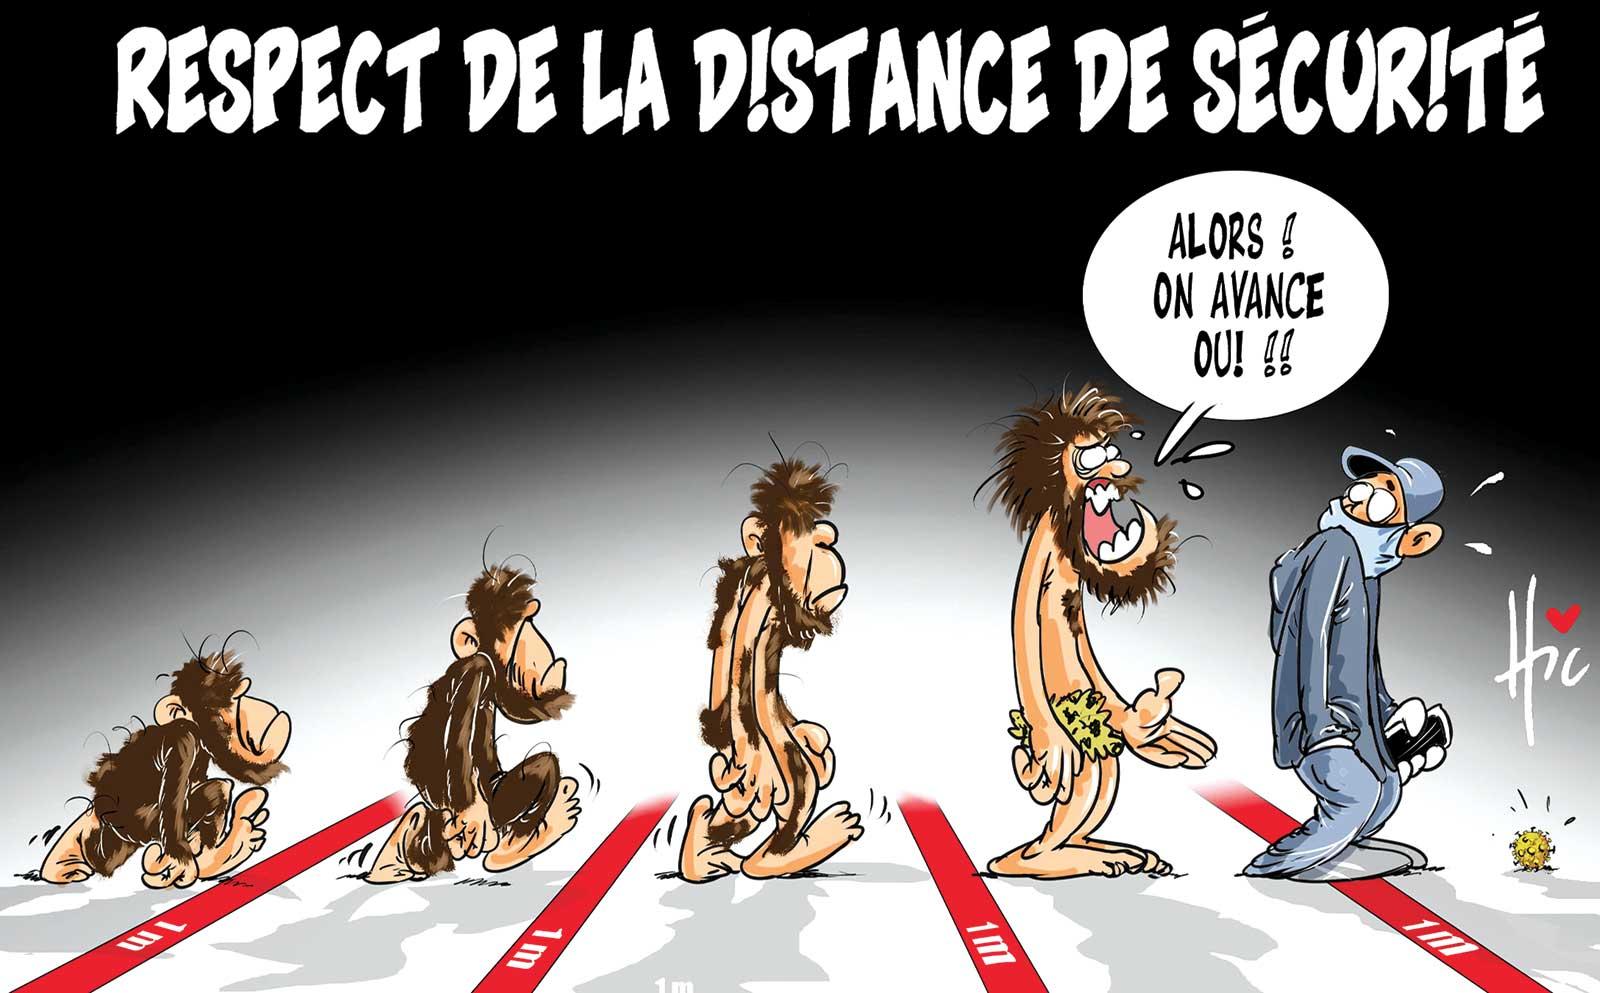 Respect de la distance de sécurité - distanciation sociale - Gagdz.com